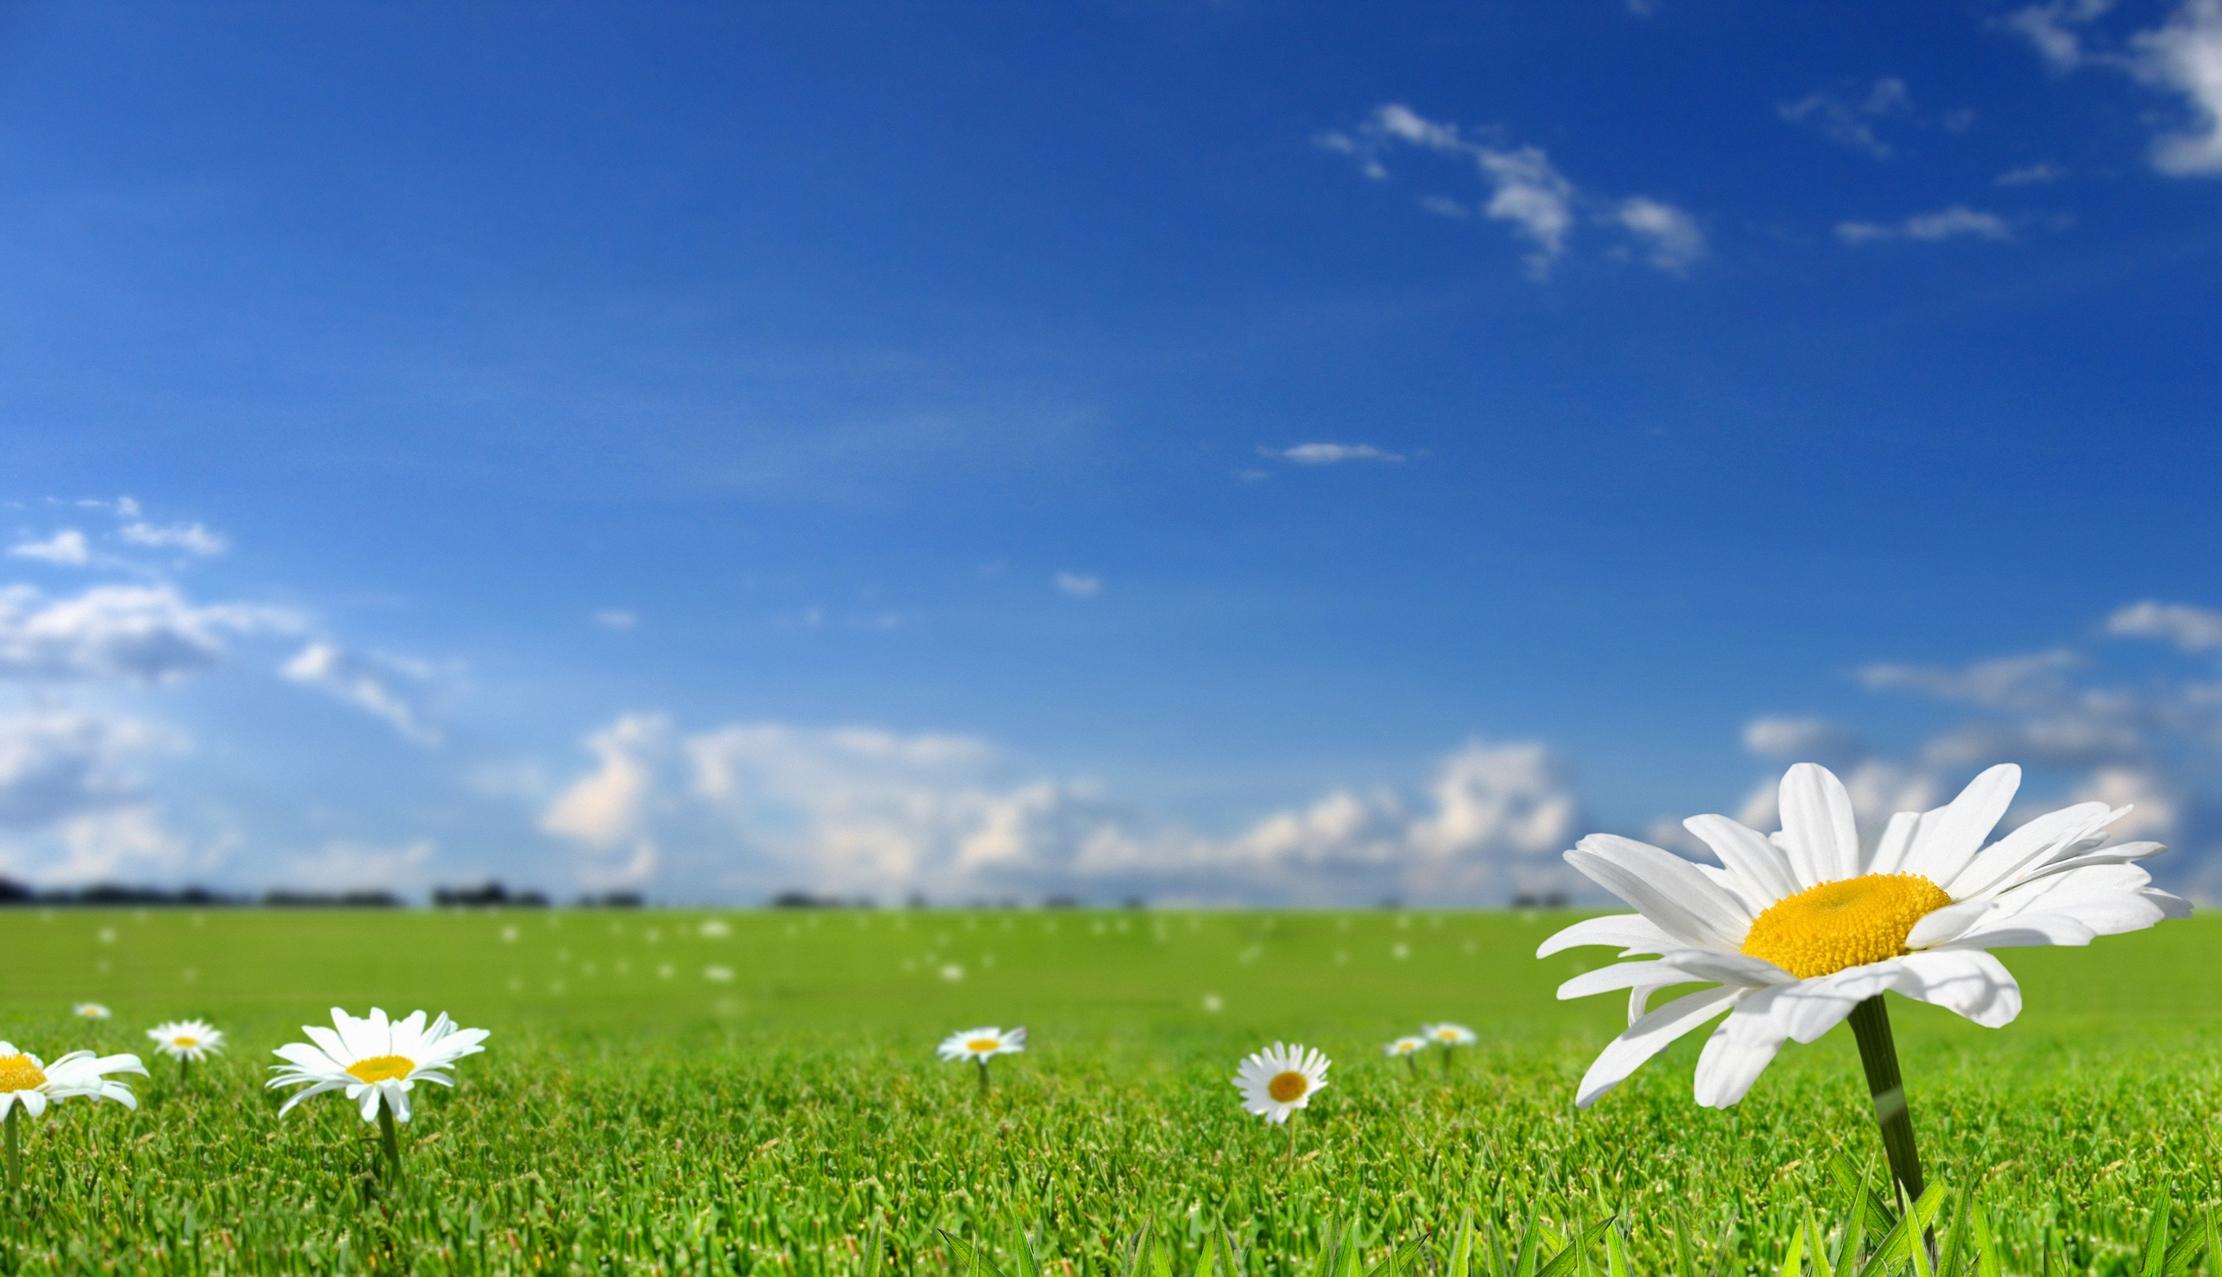 73023 Hintergrundbild herunterladen Natur, Blumen, Grass, Sky, Kamille, Feld, Sonnig, Sonnigen - Bildschirmschoner und Bilder kostenlos